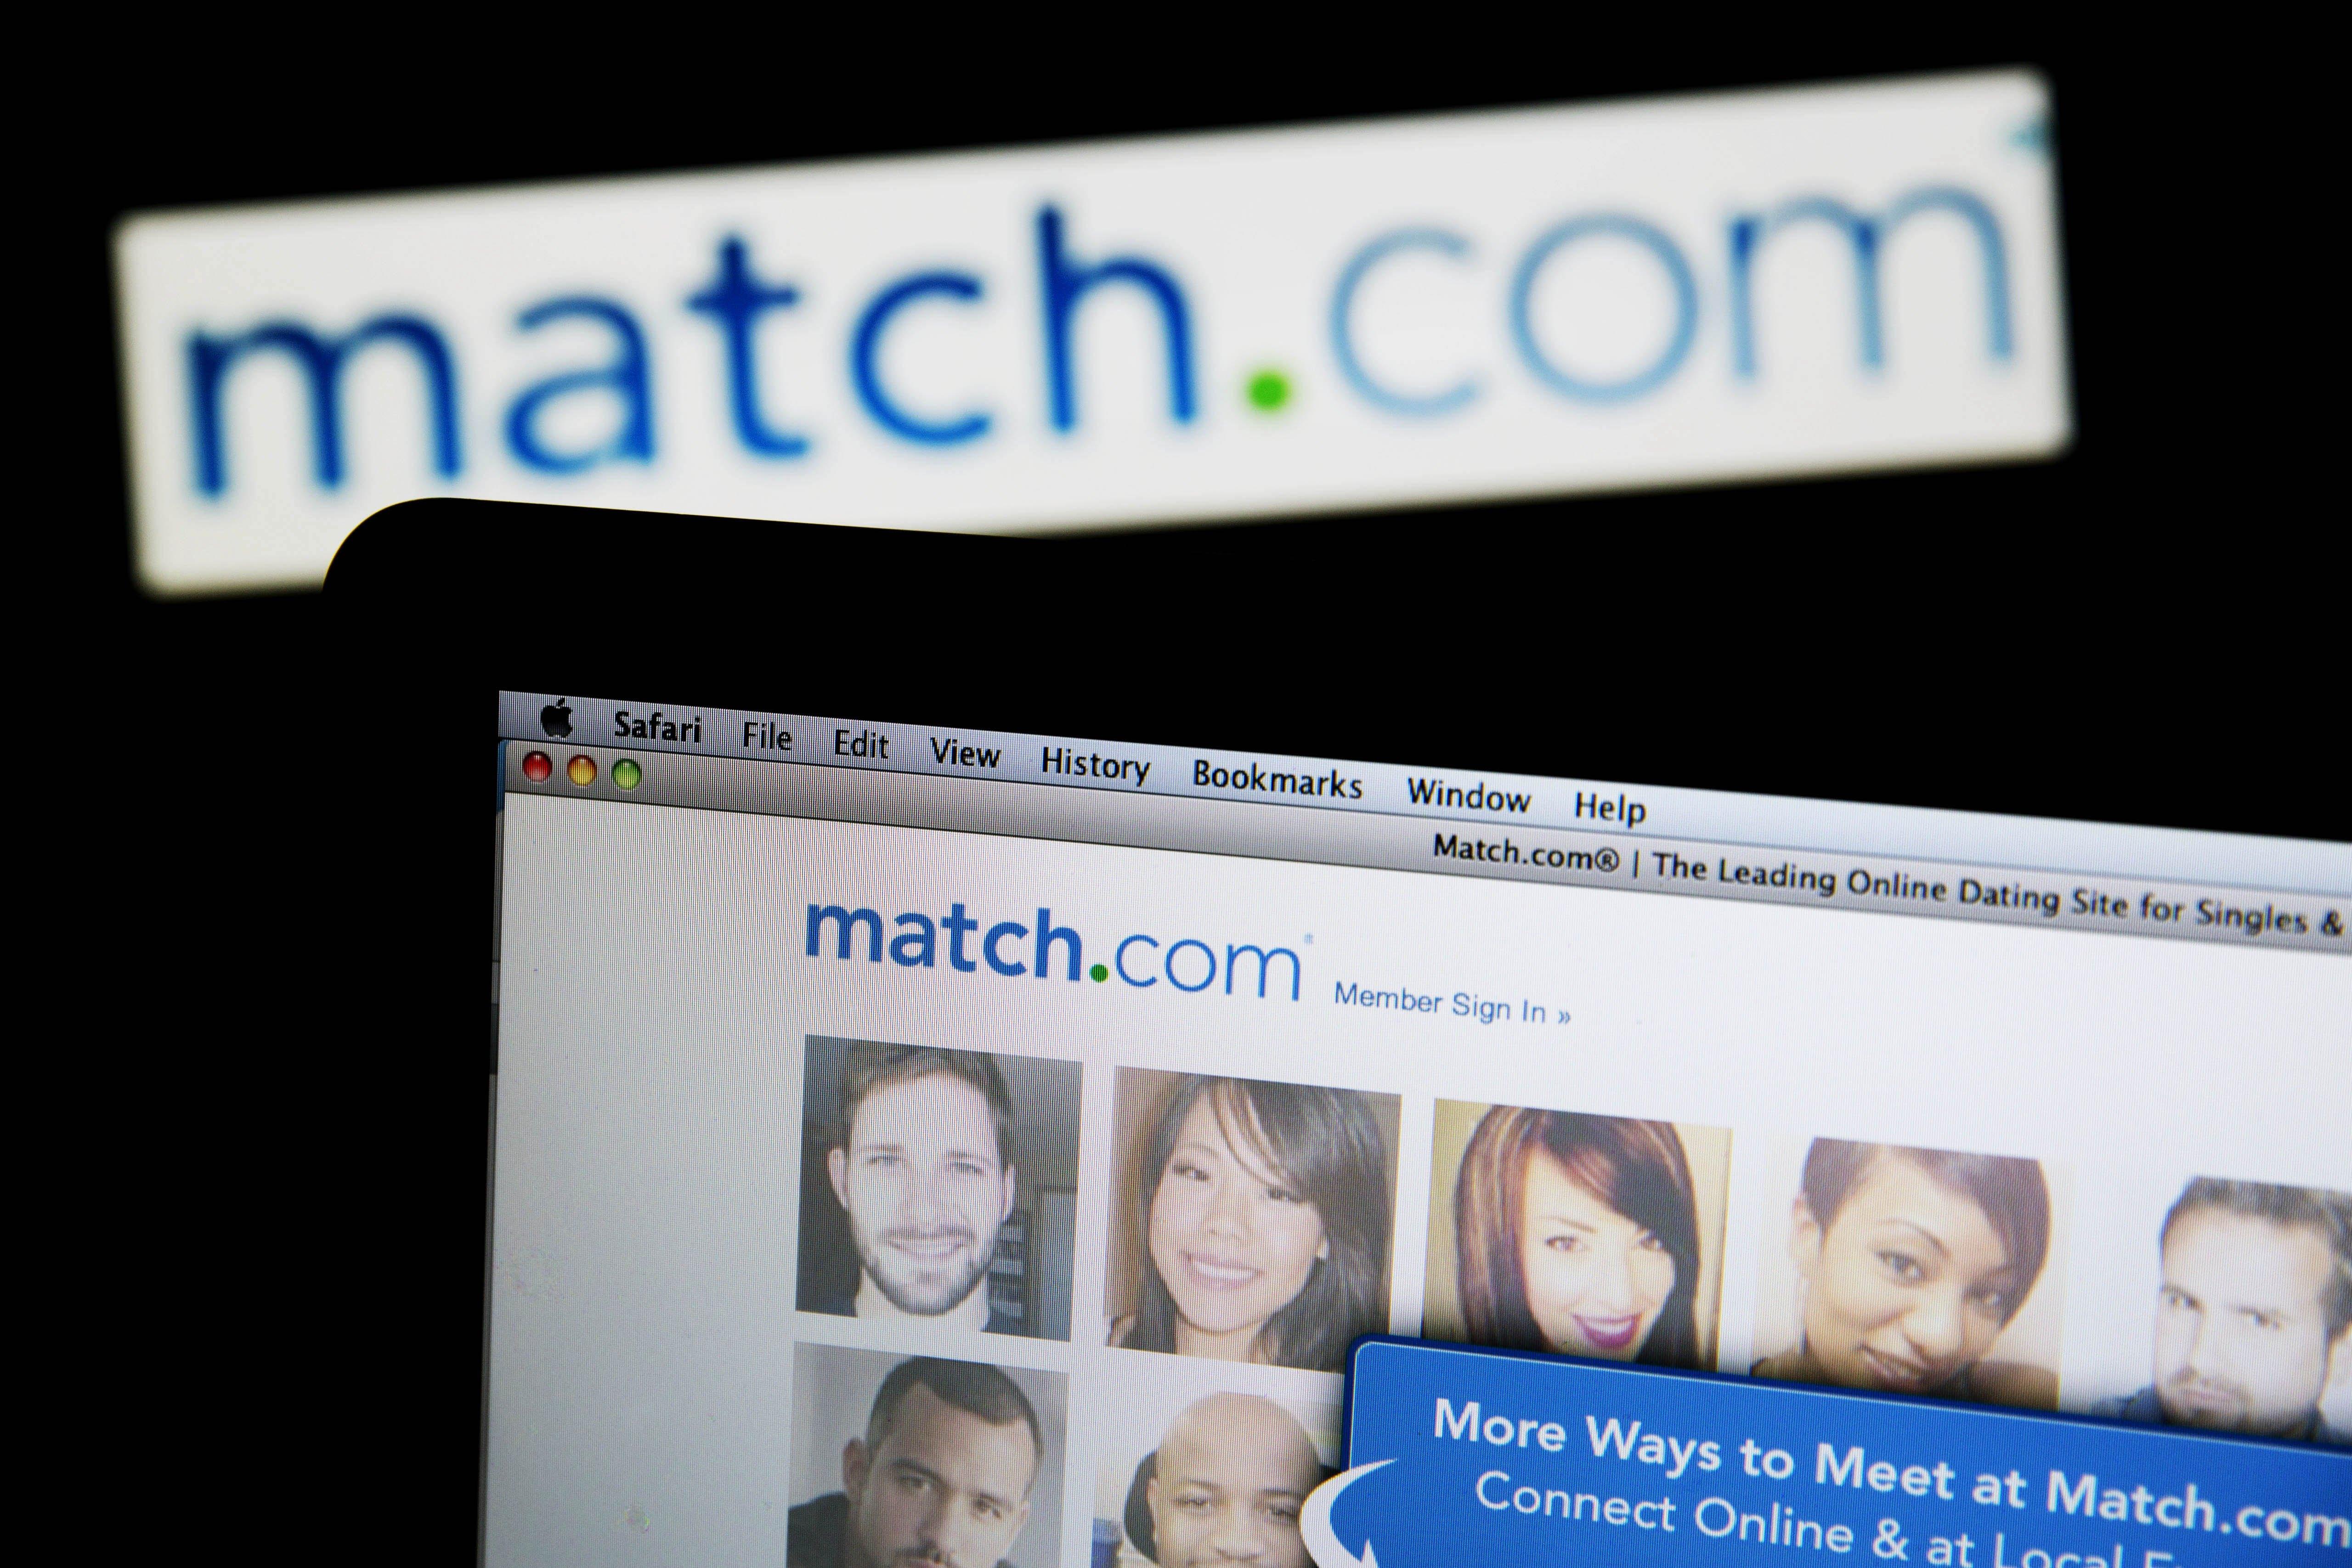 The Match.com logo and website.